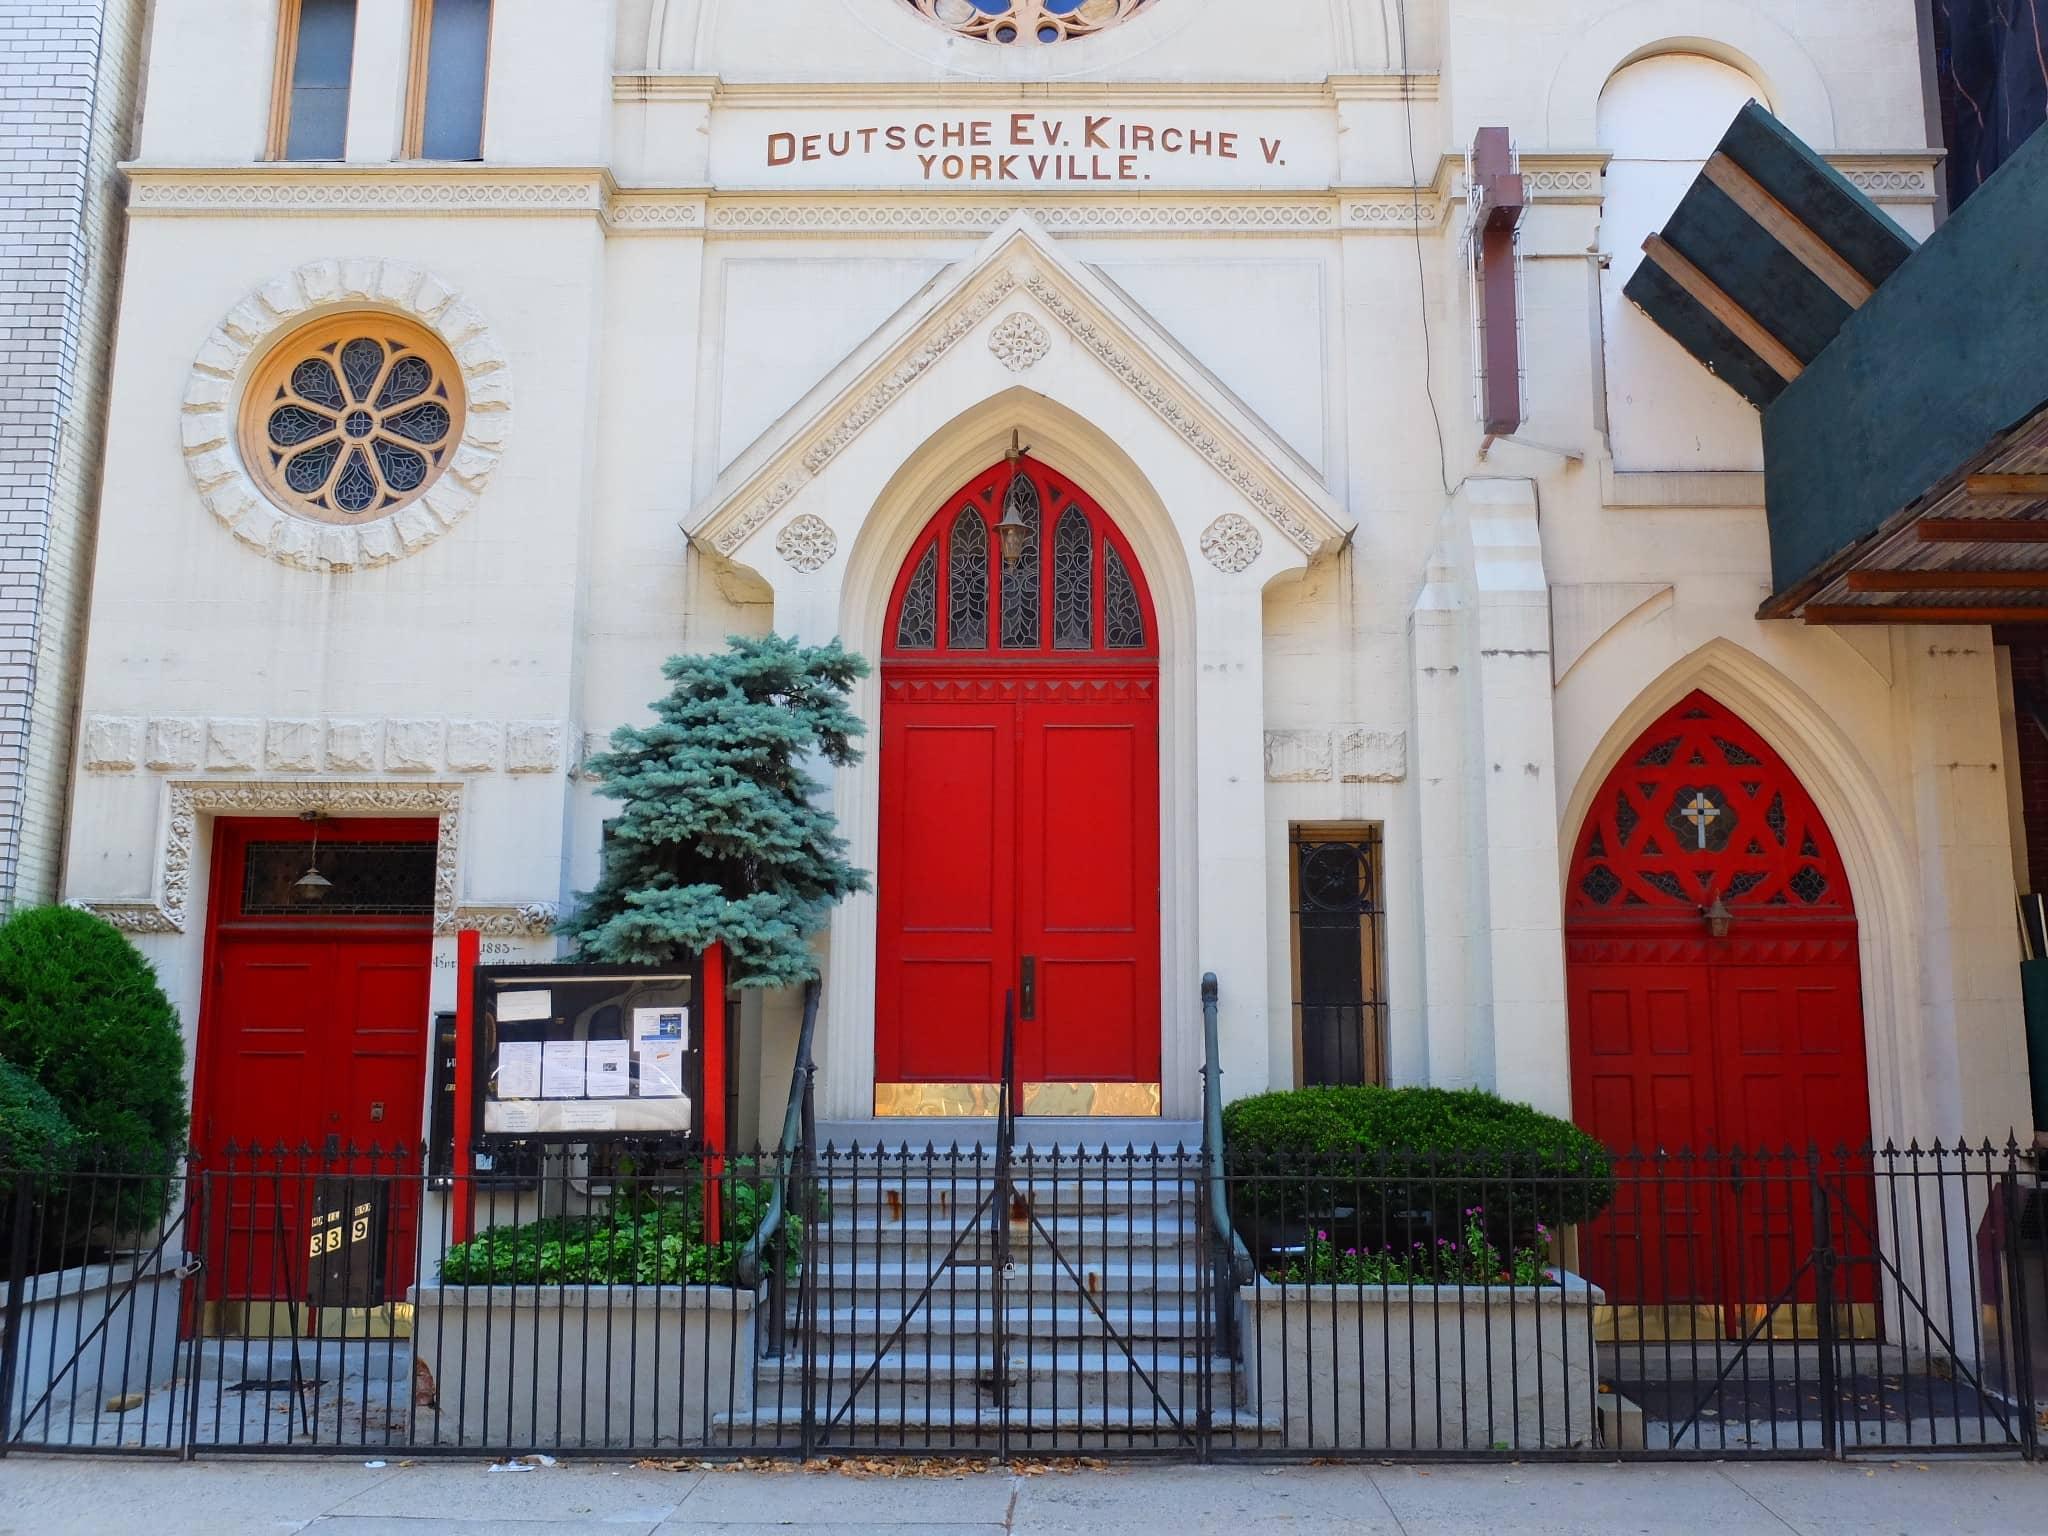 Little Germany in New York - Deutsche Evangelische Kirche von Yorkville